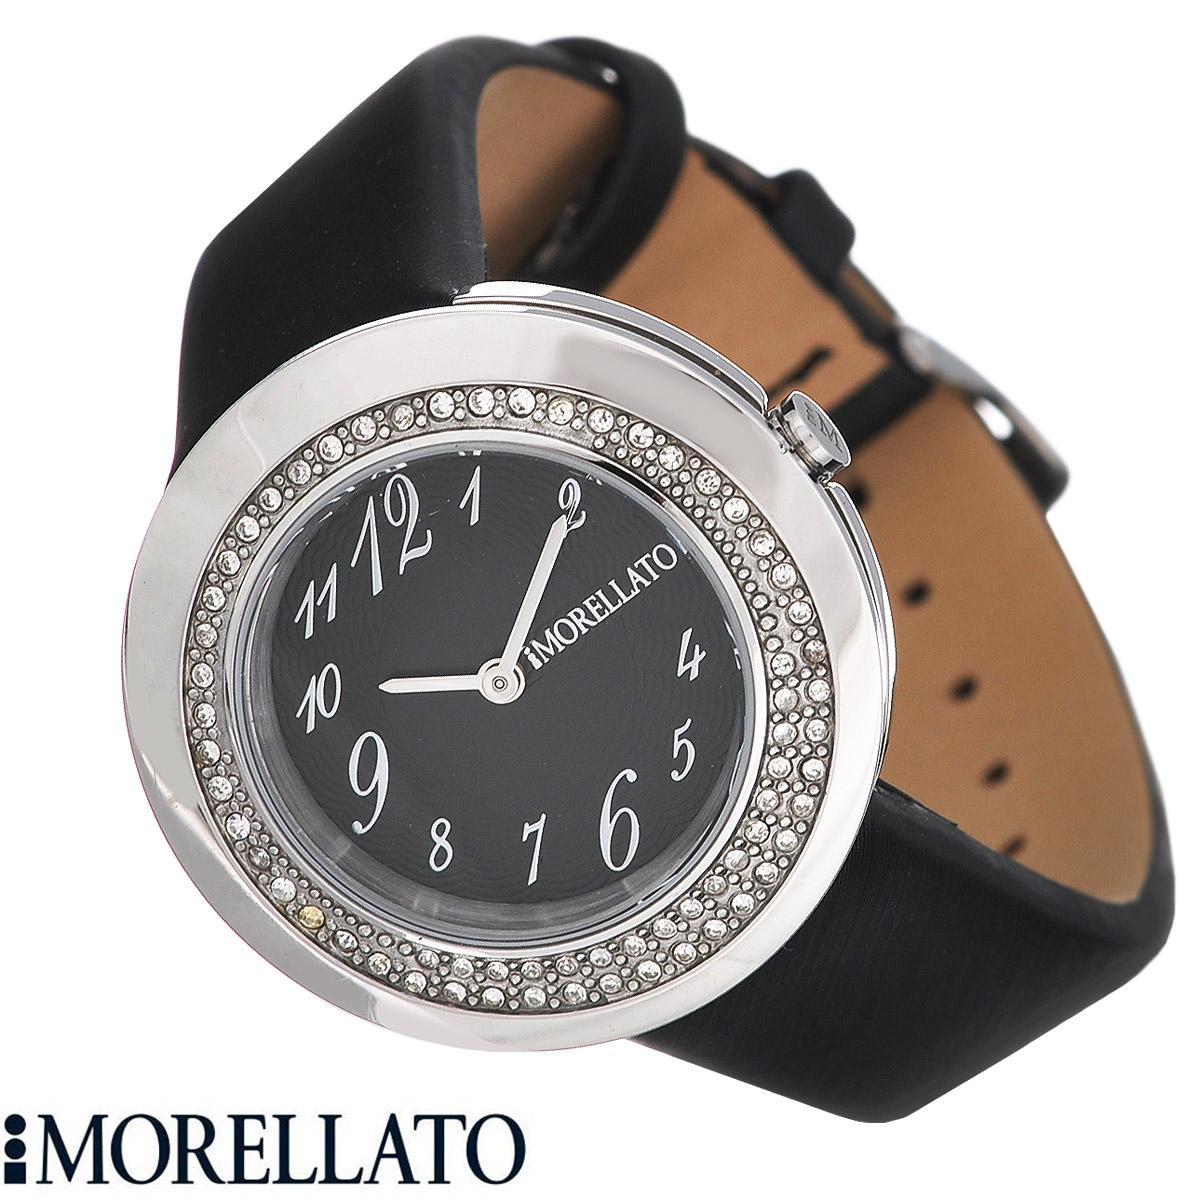 Часы женские наручные Morellato, цвет: серебристый, темно-серый. R0151112503R0151112503Наручные женские часы Morellato оснащены кварцевым механизмом. Корпус выполнен из высококачественной нержавеющей стали и по контуру циферблата инкрустирован кристаллами. Циферблат с арабскими цифрами защищен минеральным стеклом. Часы имеют две стрелки - часовую и минутную. Ремешок часов выполнен из натуральной кожи с шелковистой отделкой и оснащен классической застежкой. Часы укомплектованы паспортом с подробной инструкцией. Часы Morellato отличаются уникальным, но в то же время простым и лаконичным стилем. Характеристики: Диаметр циферблата: 2,3 см. Размер корпуса: 3,4 см х 3,4 см х 0,6 см. Длина ремешка (с корпусом): 20,5 см. Ширина ремешка: 1,6 см.